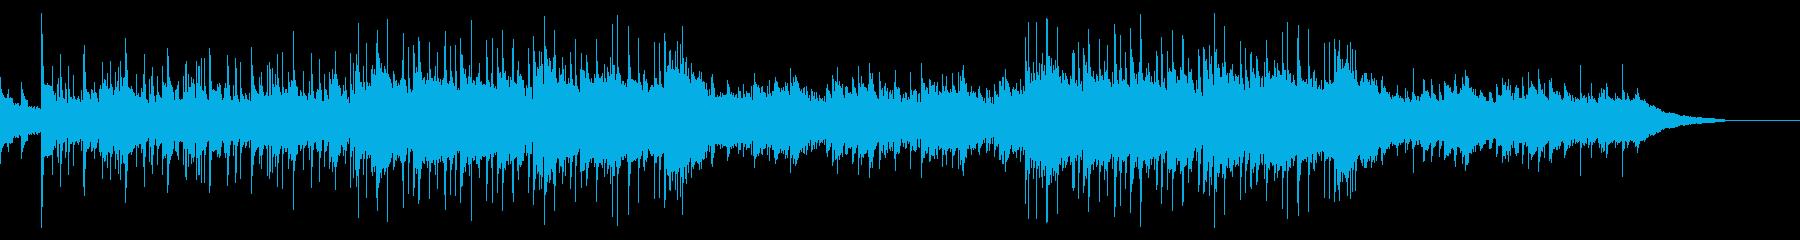 アコギとシタールの穏やかフォークソングAの再生済みの波形